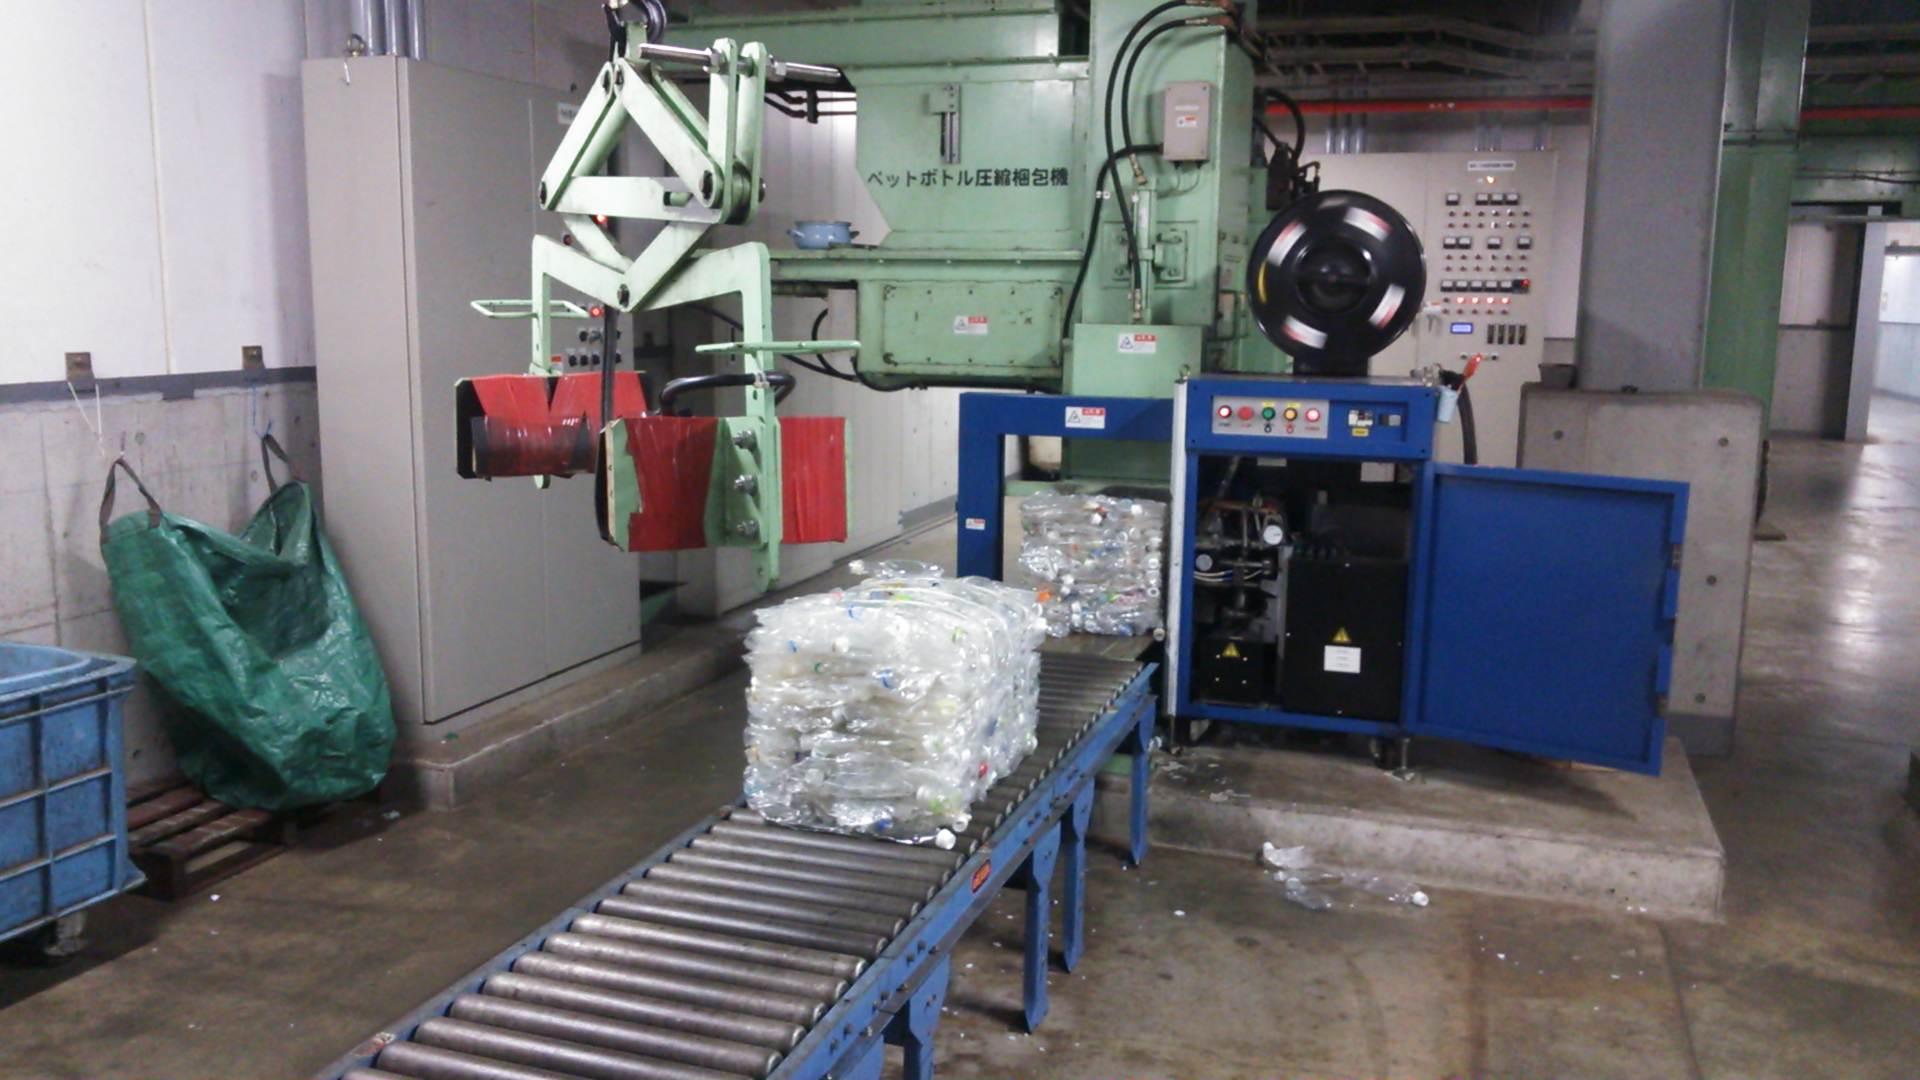 金沢市、小松市のリサイクルセンターを視察